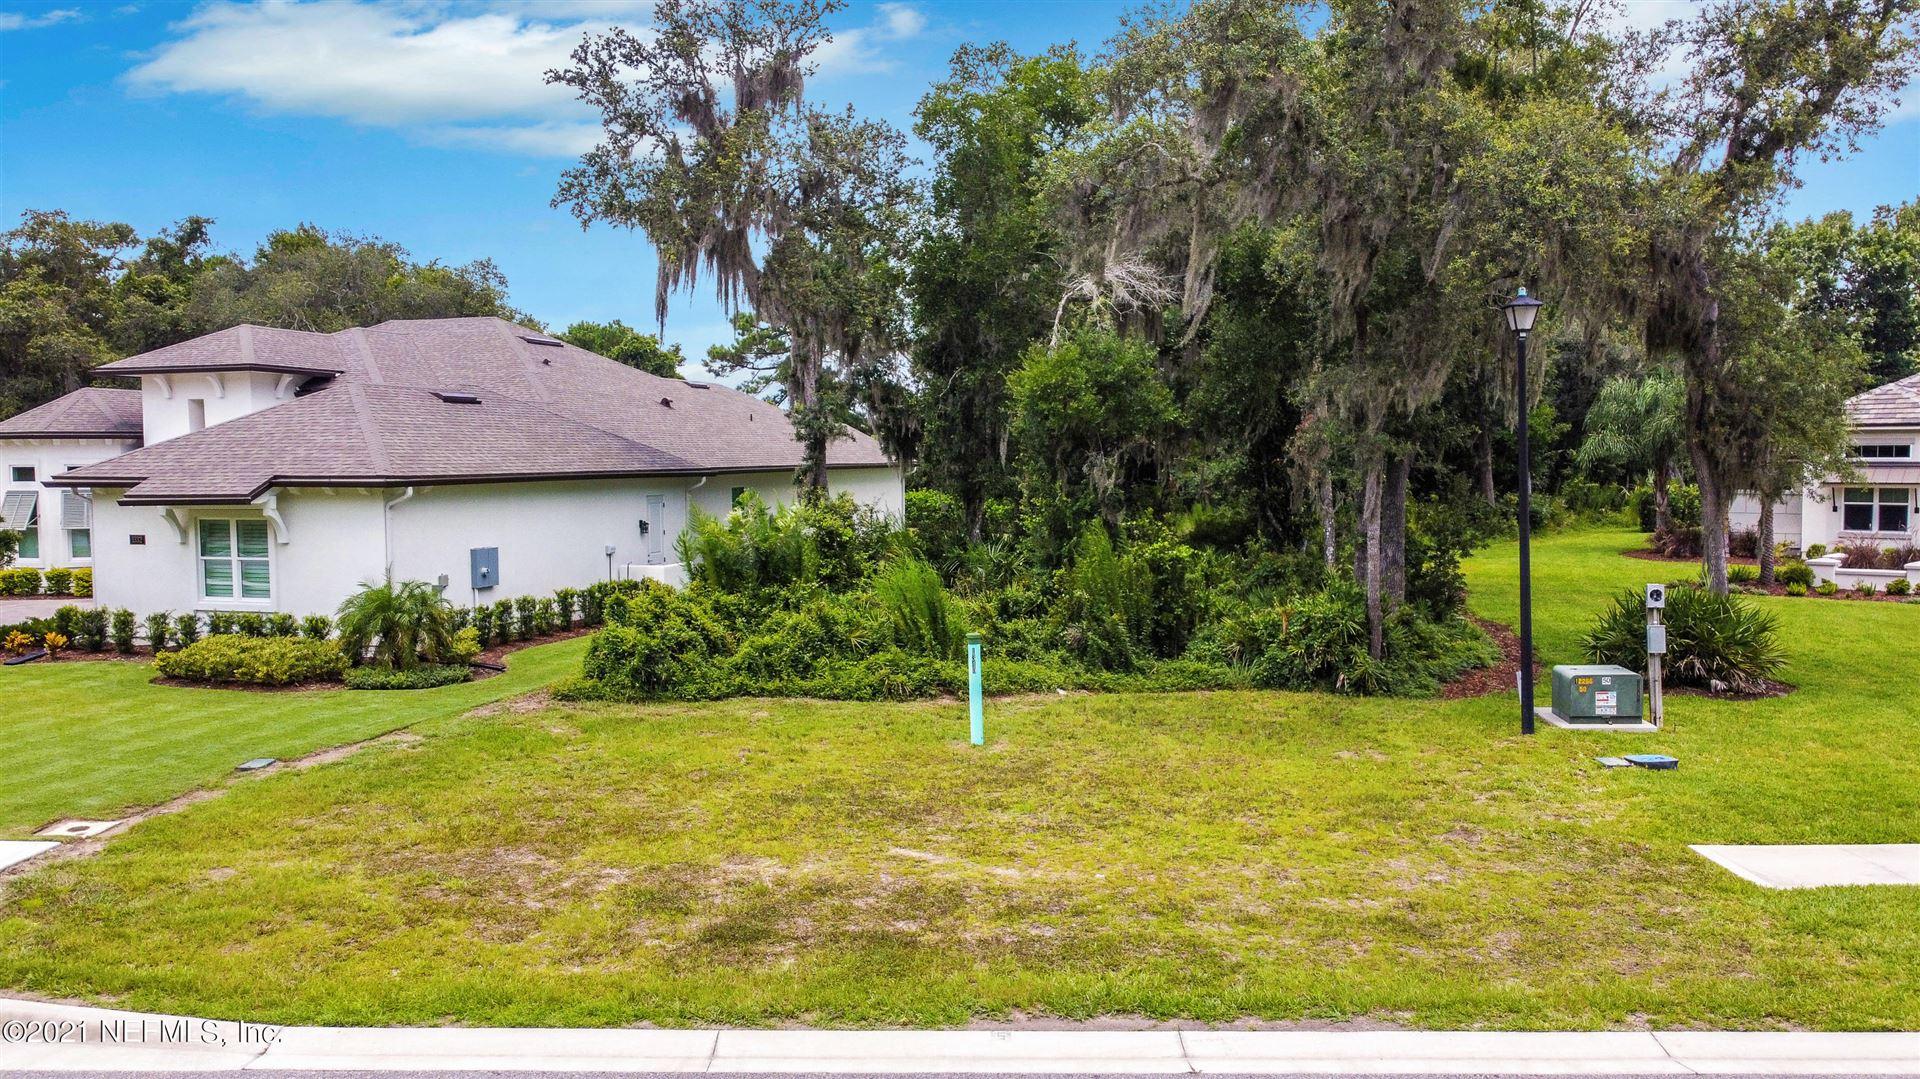 Photo of 1340 N LOOP PKWY, ST AUGUSTINE, FL 32095 (MLS # 1122424)